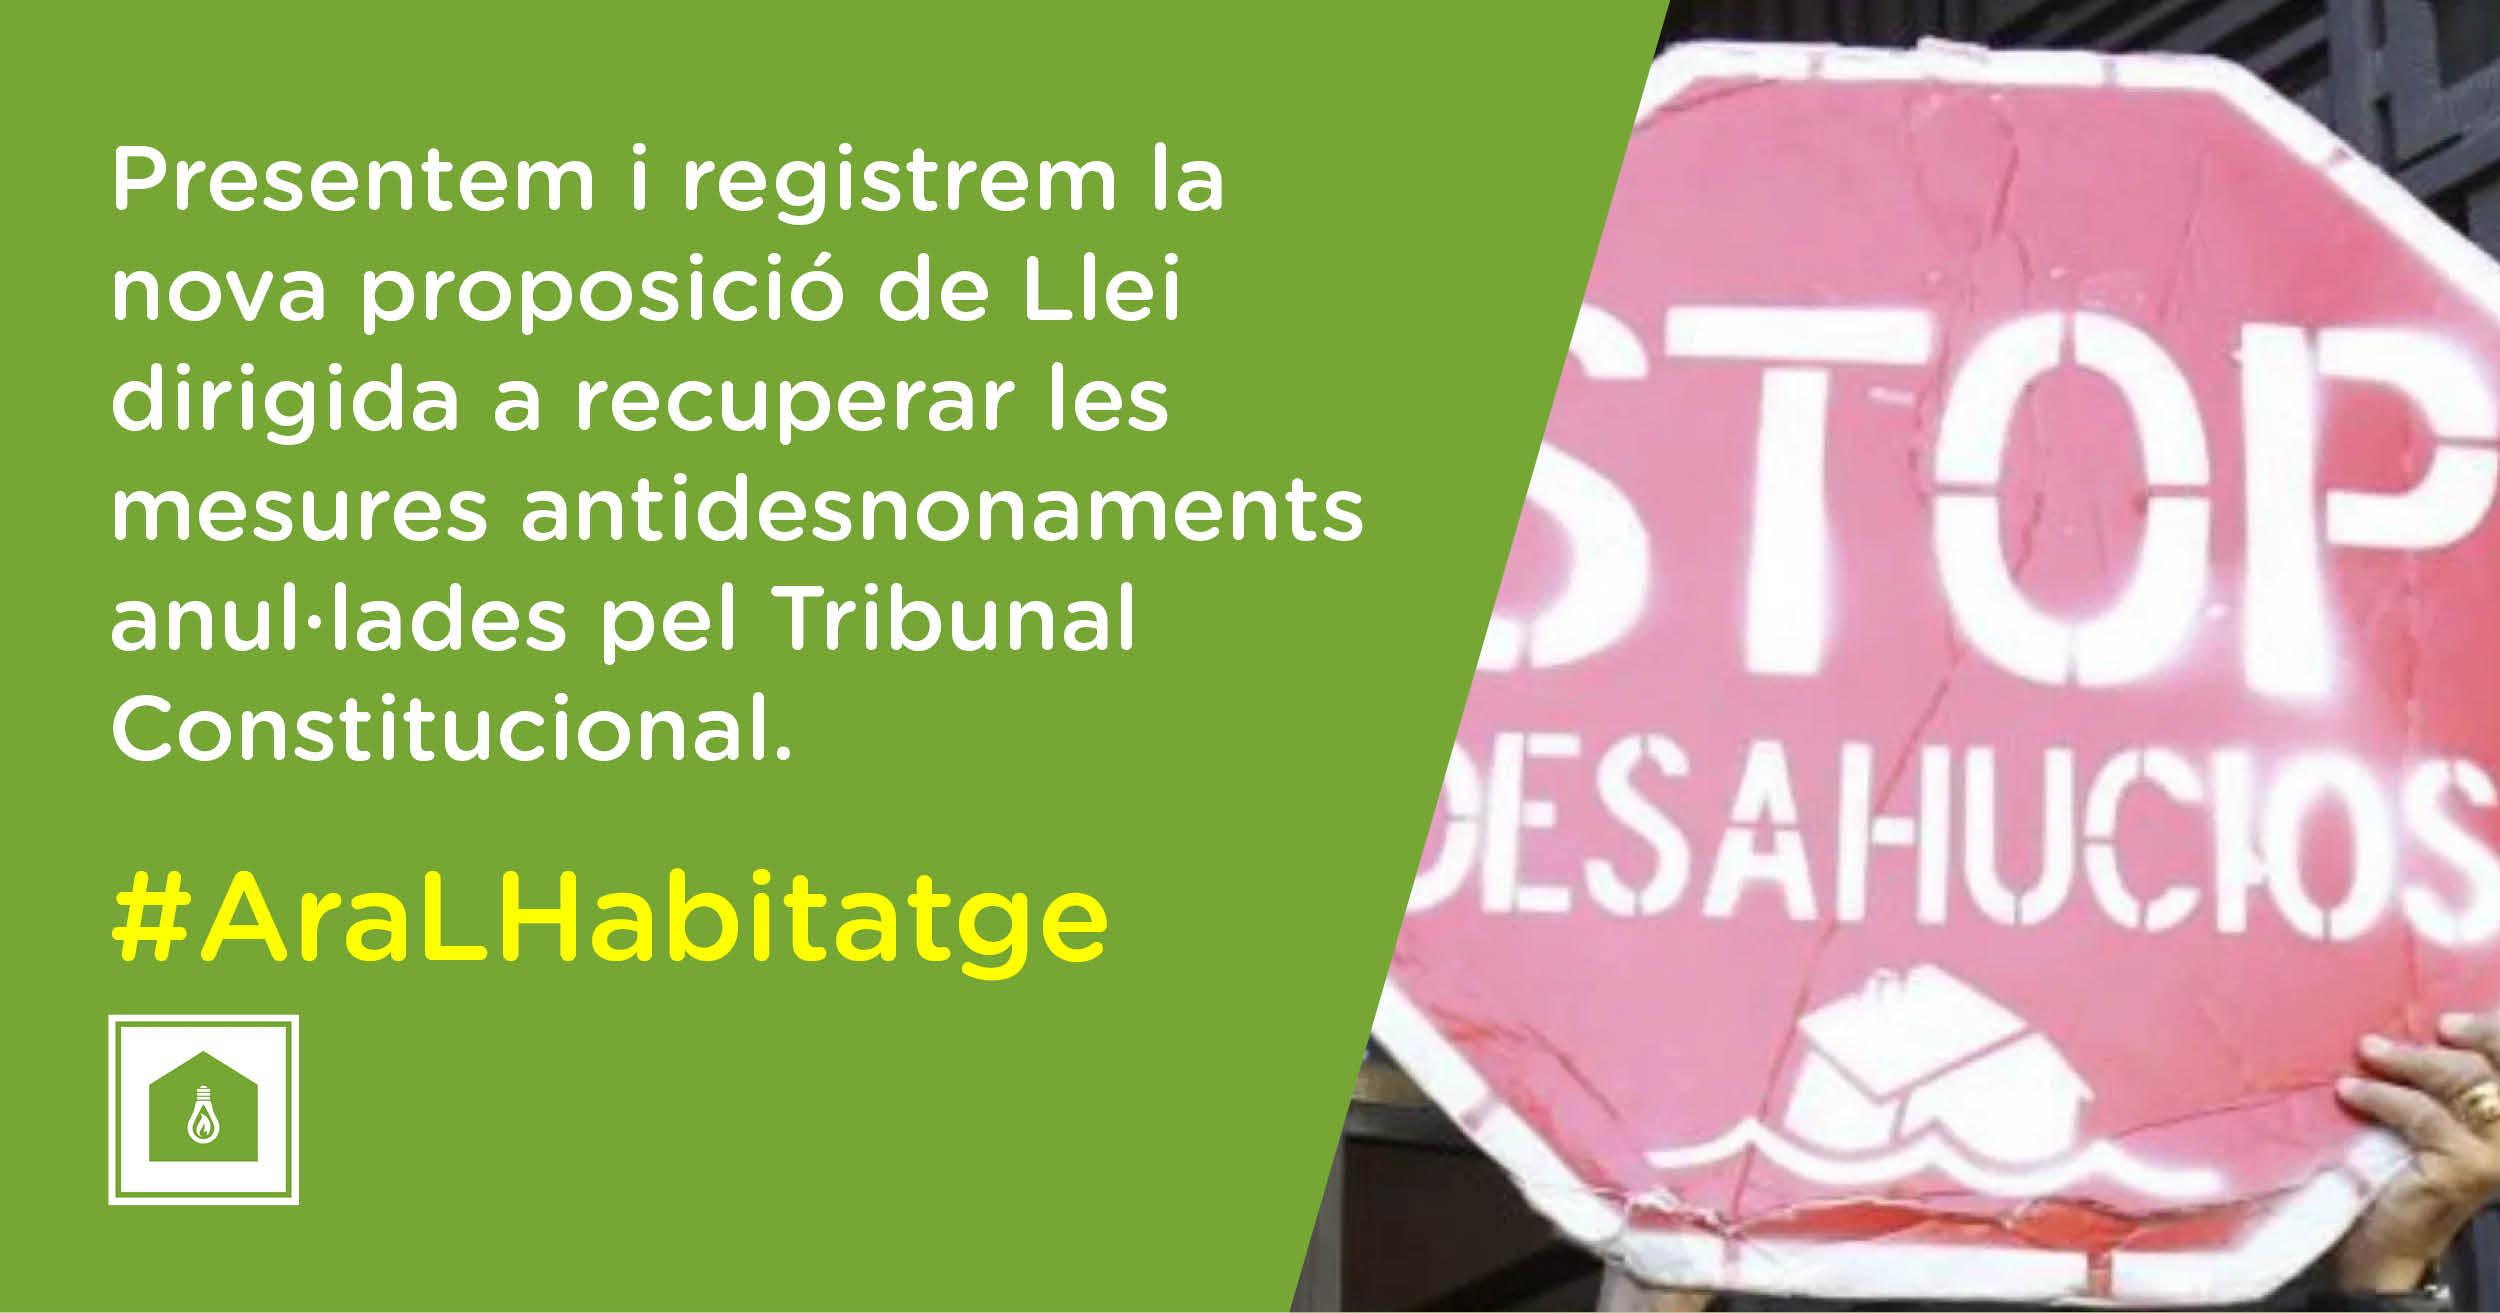 Presentem i registrem la nova proposició de Llei dirigida a recuperar les mesures antidesnonaments anul·lades pel Tribunal Constitucional.